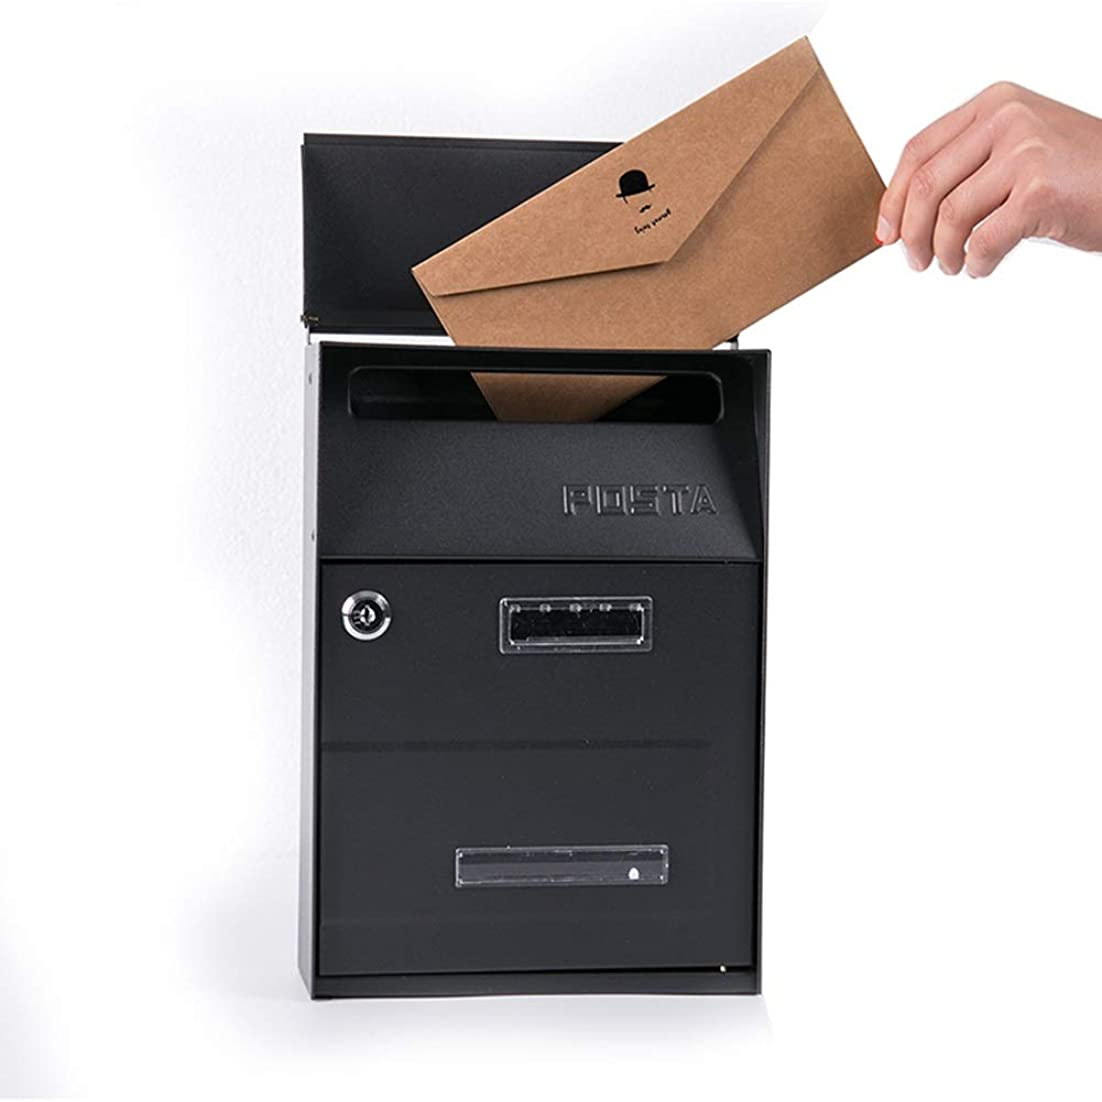 ささやき計画的転用ロックレトロな雨の郵便ポスト投書箱320x210x93mmとレターボックスメールボックス屋外ヨーロッパヴィラ屋外の壁